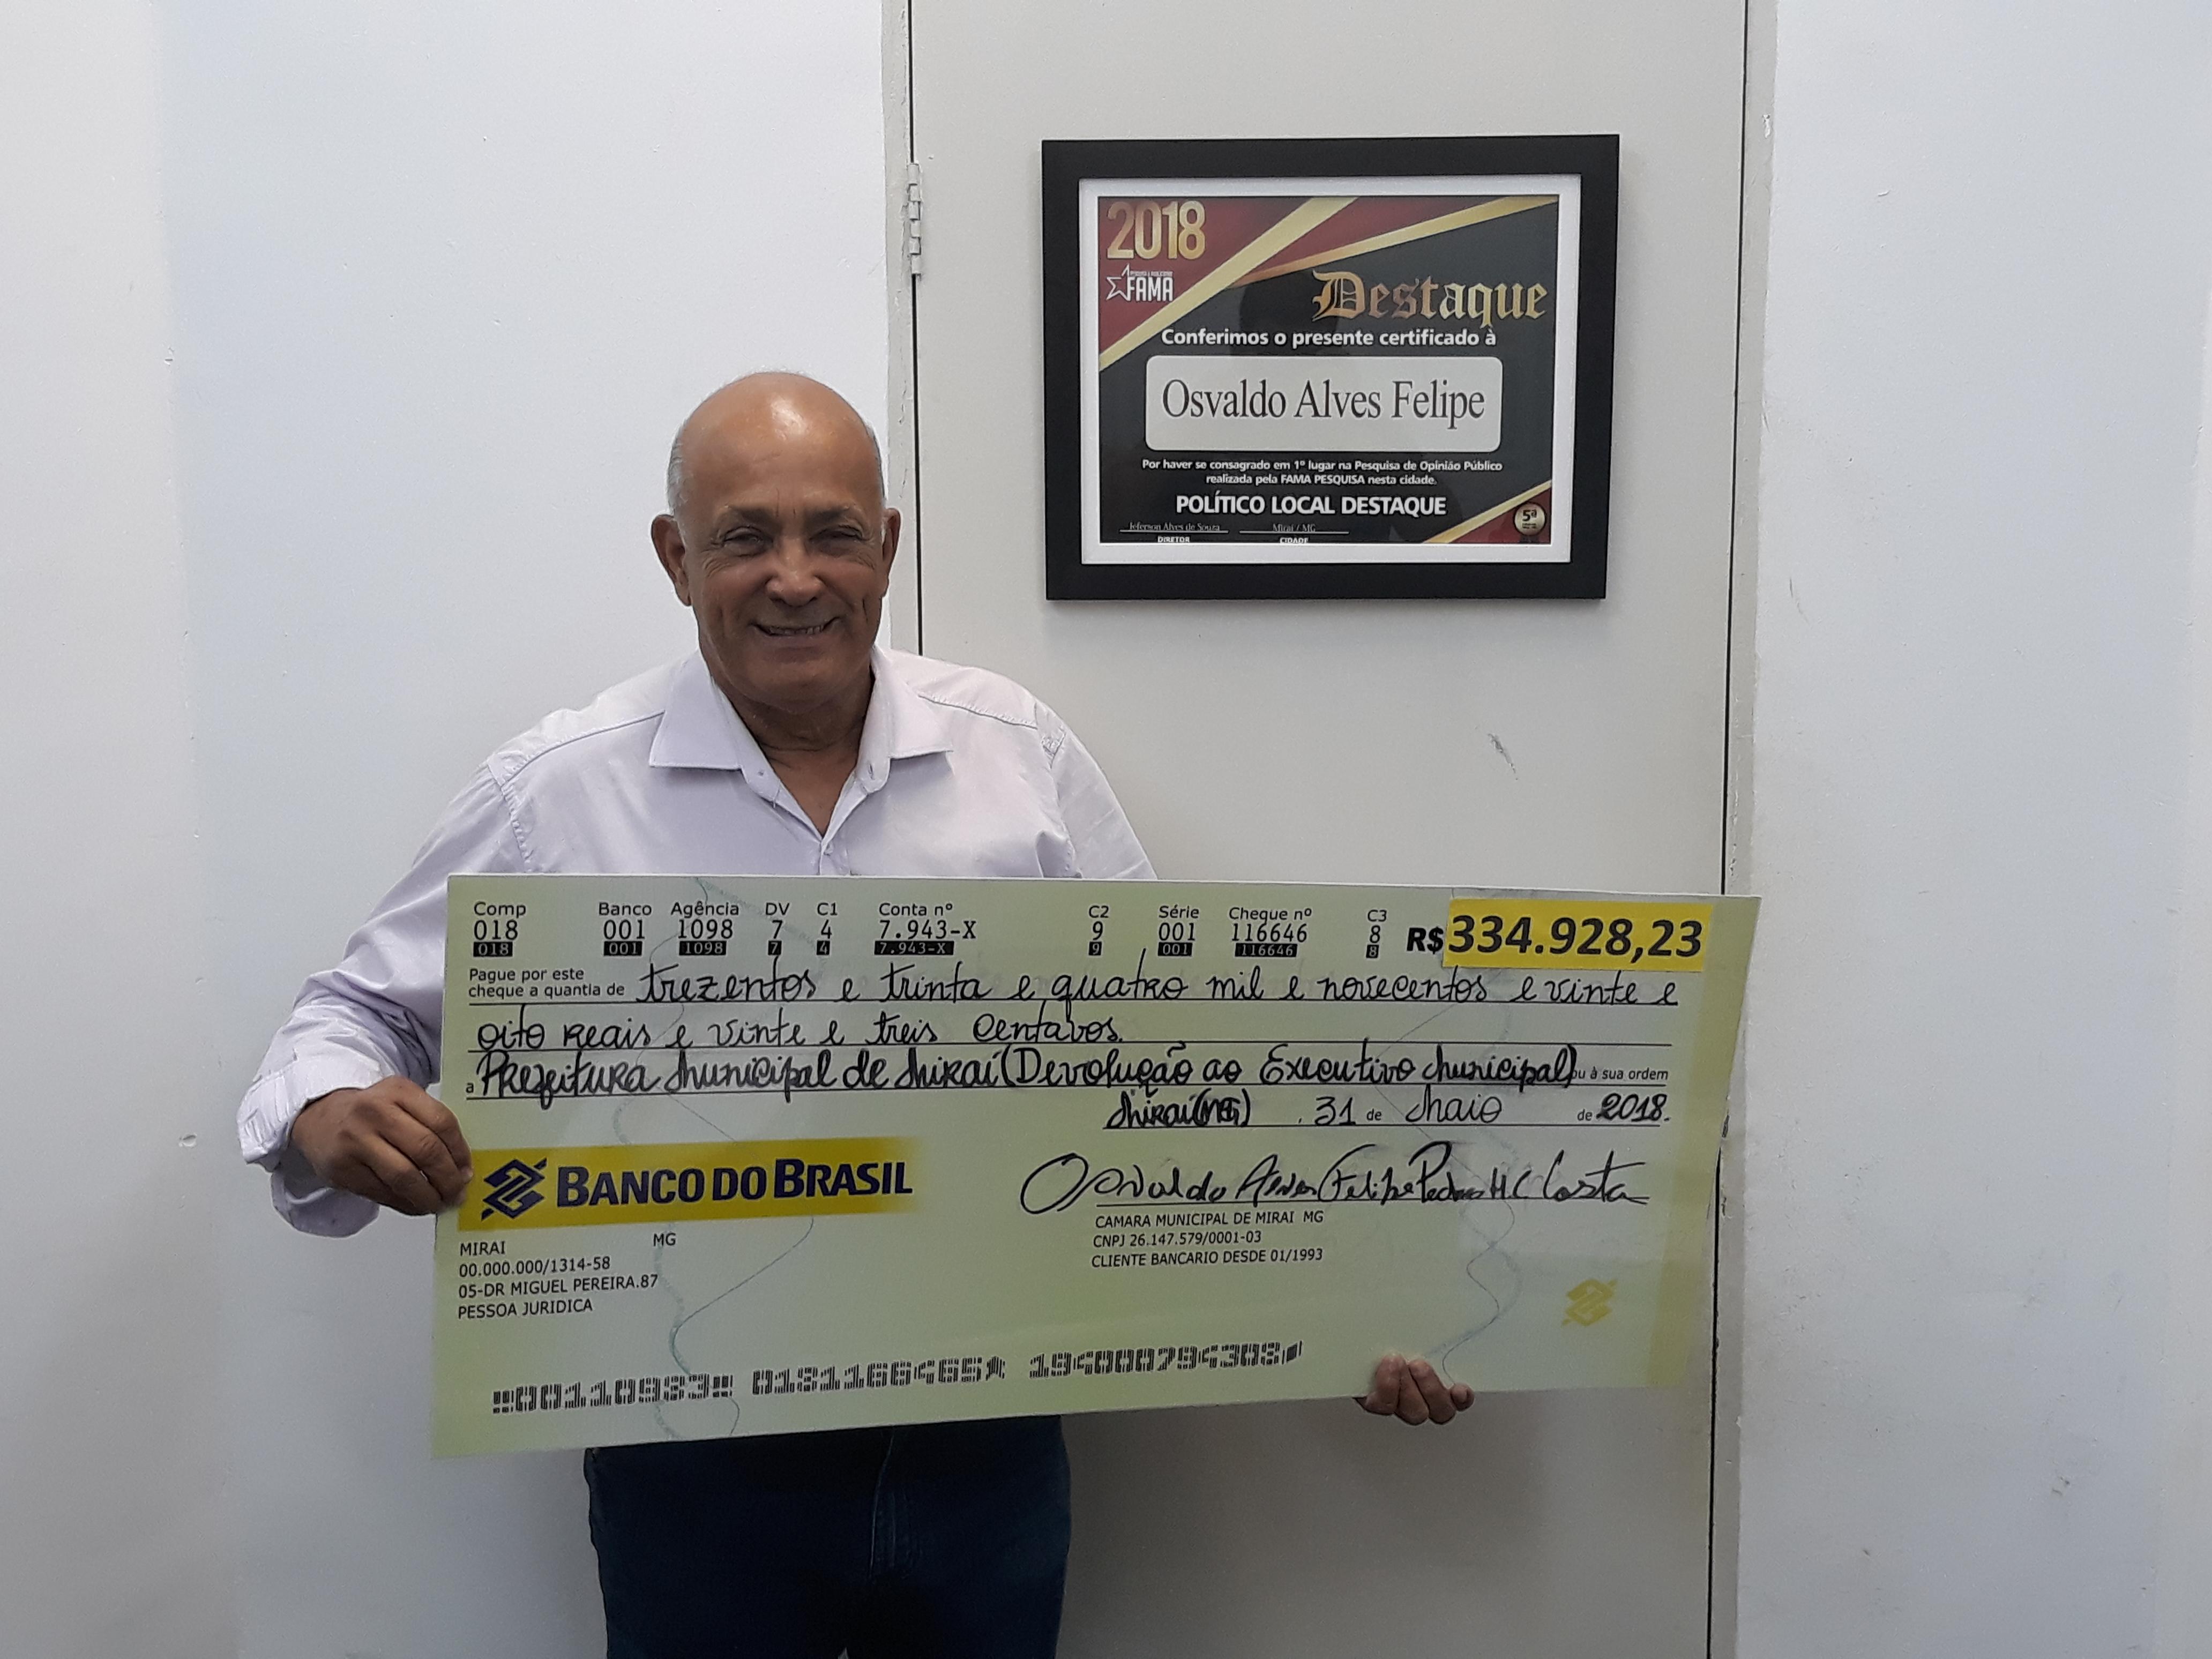 Câmara de Mirai repassou ao todo o valor de R$ 334.928.23